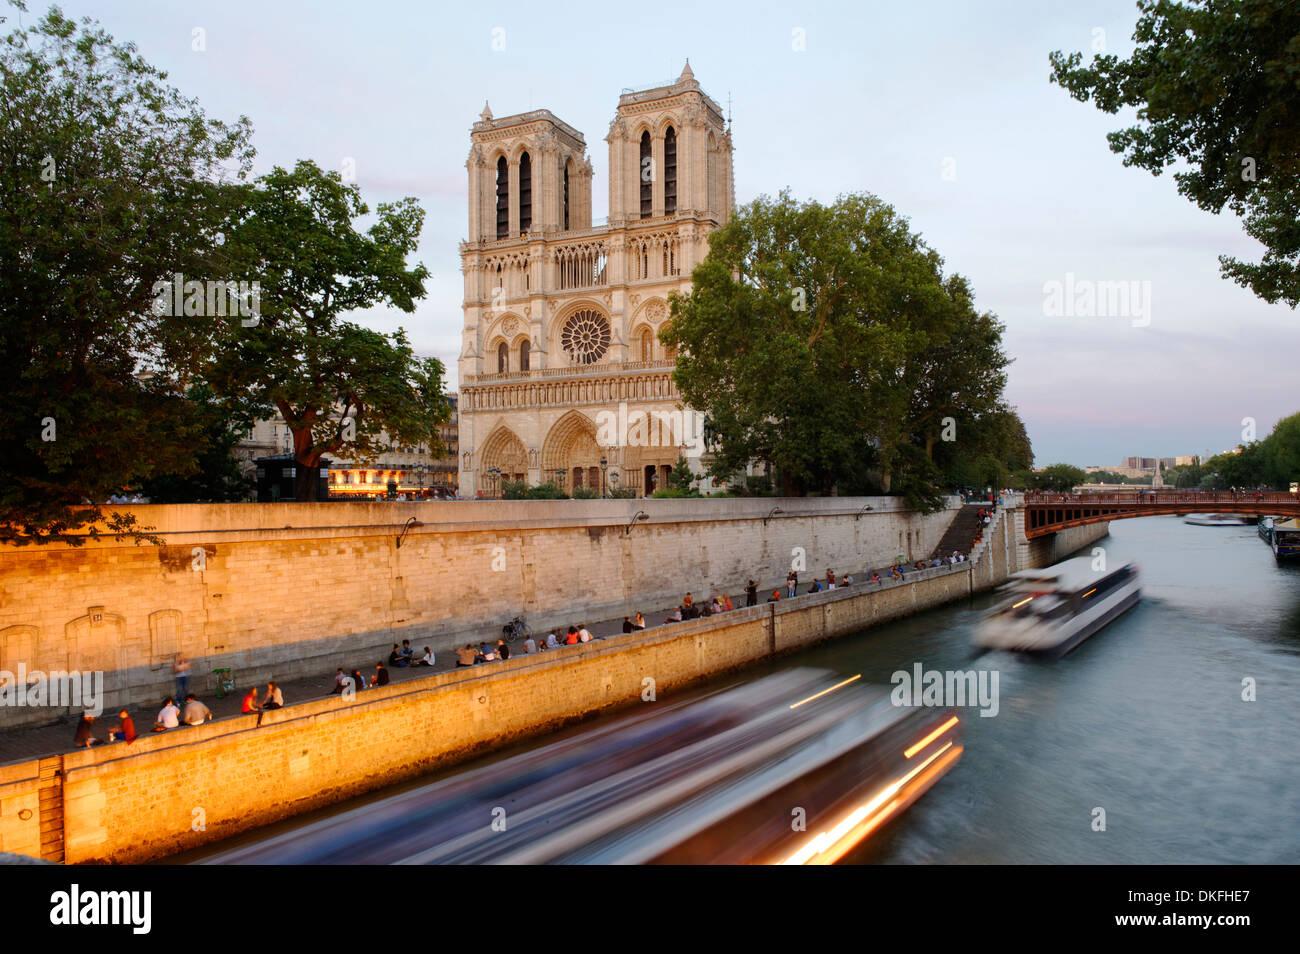 Cathédrale Notre-Dame de Paris dans la lumière du soir dernier, sur l'Île de la Cité et de la Seine, Paris, Ile-de-France, France Banque D'Images